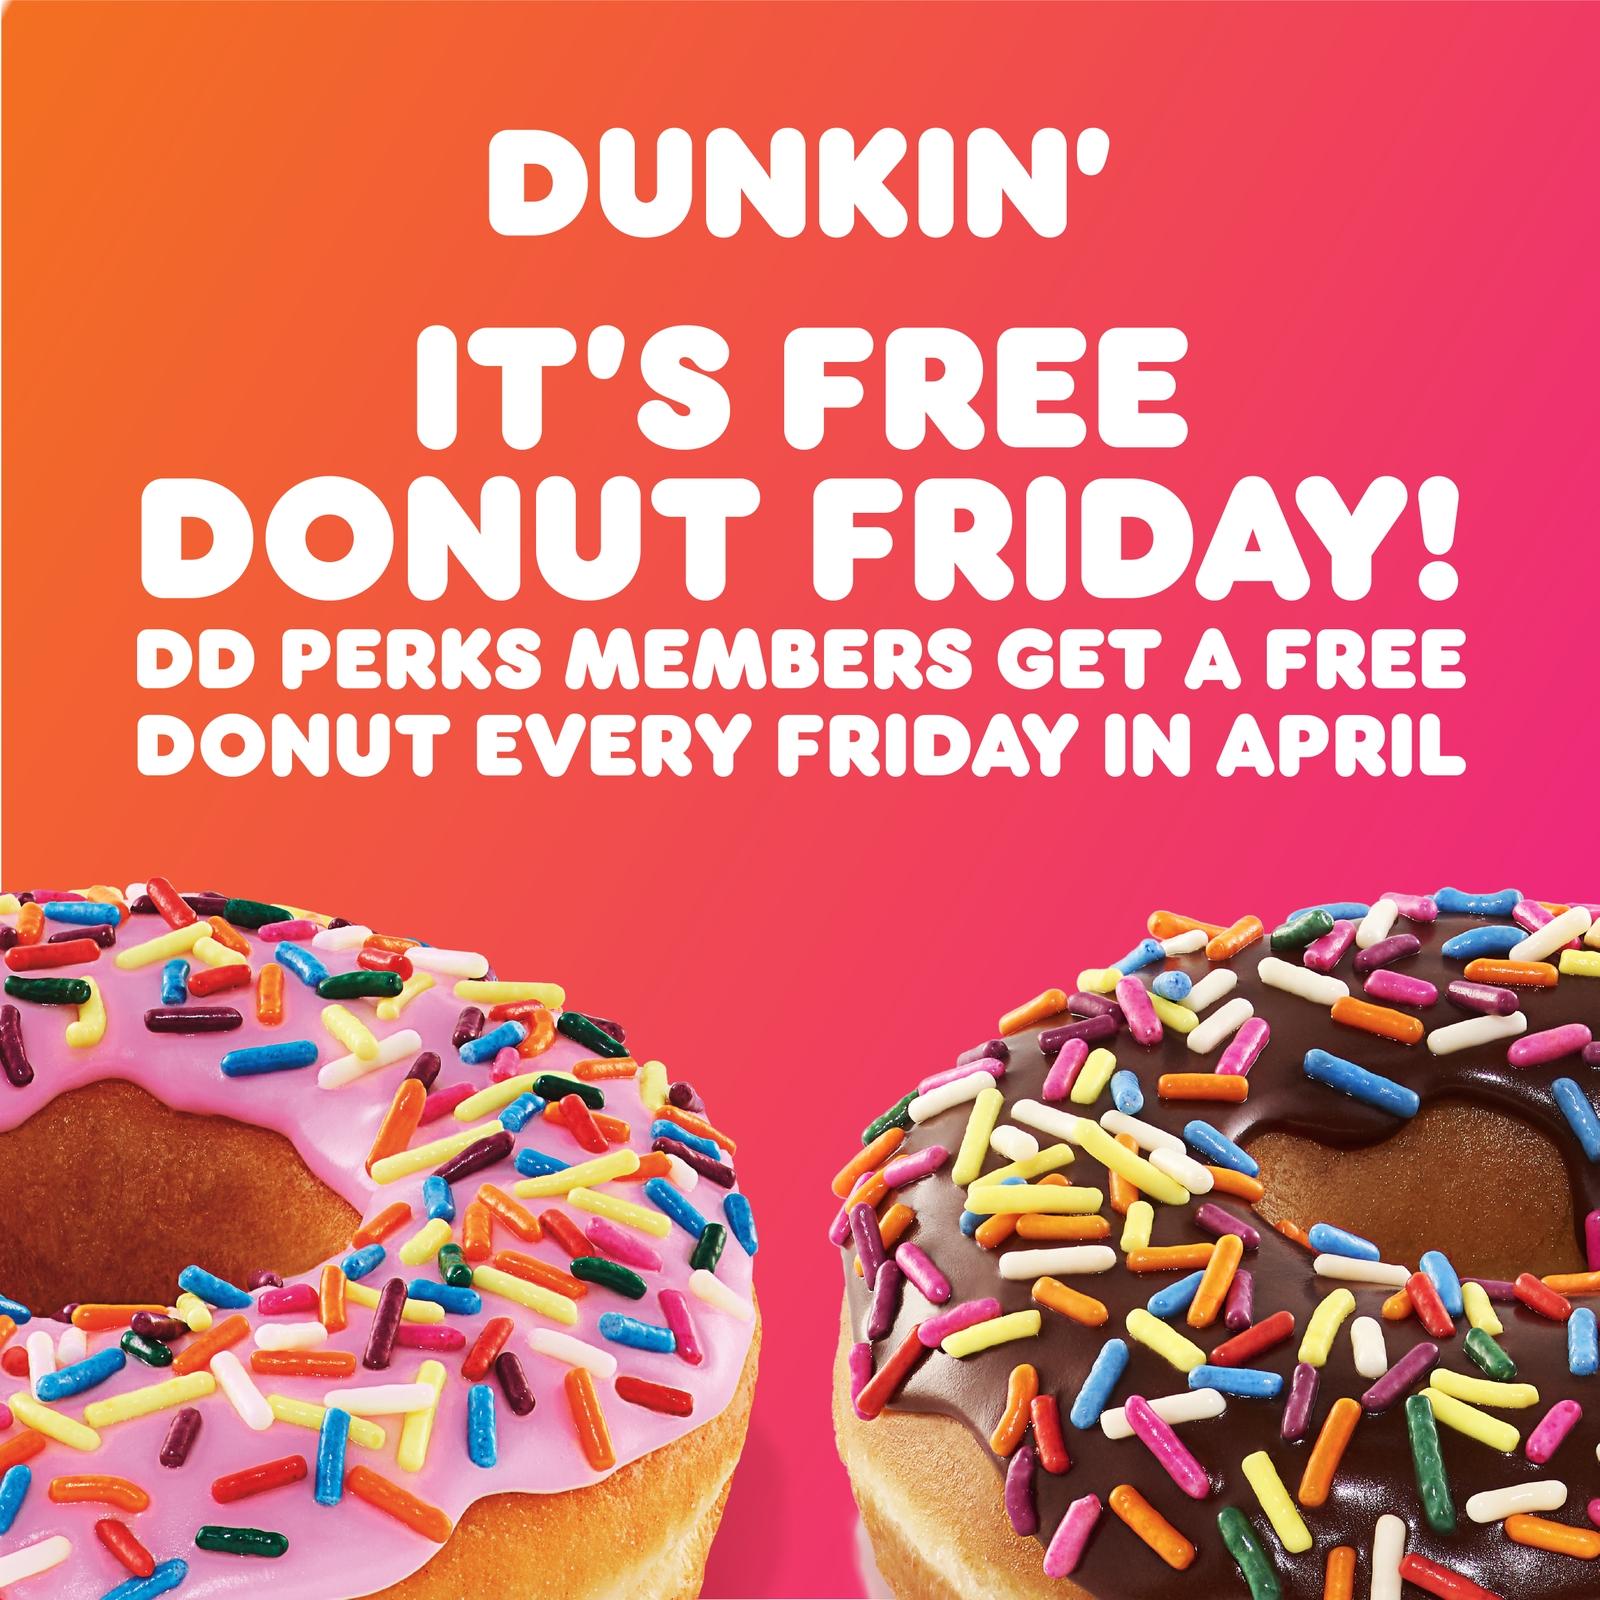 A Little Sweetness Every Week: Dunkin' Extends Free Donut Fridays Through April